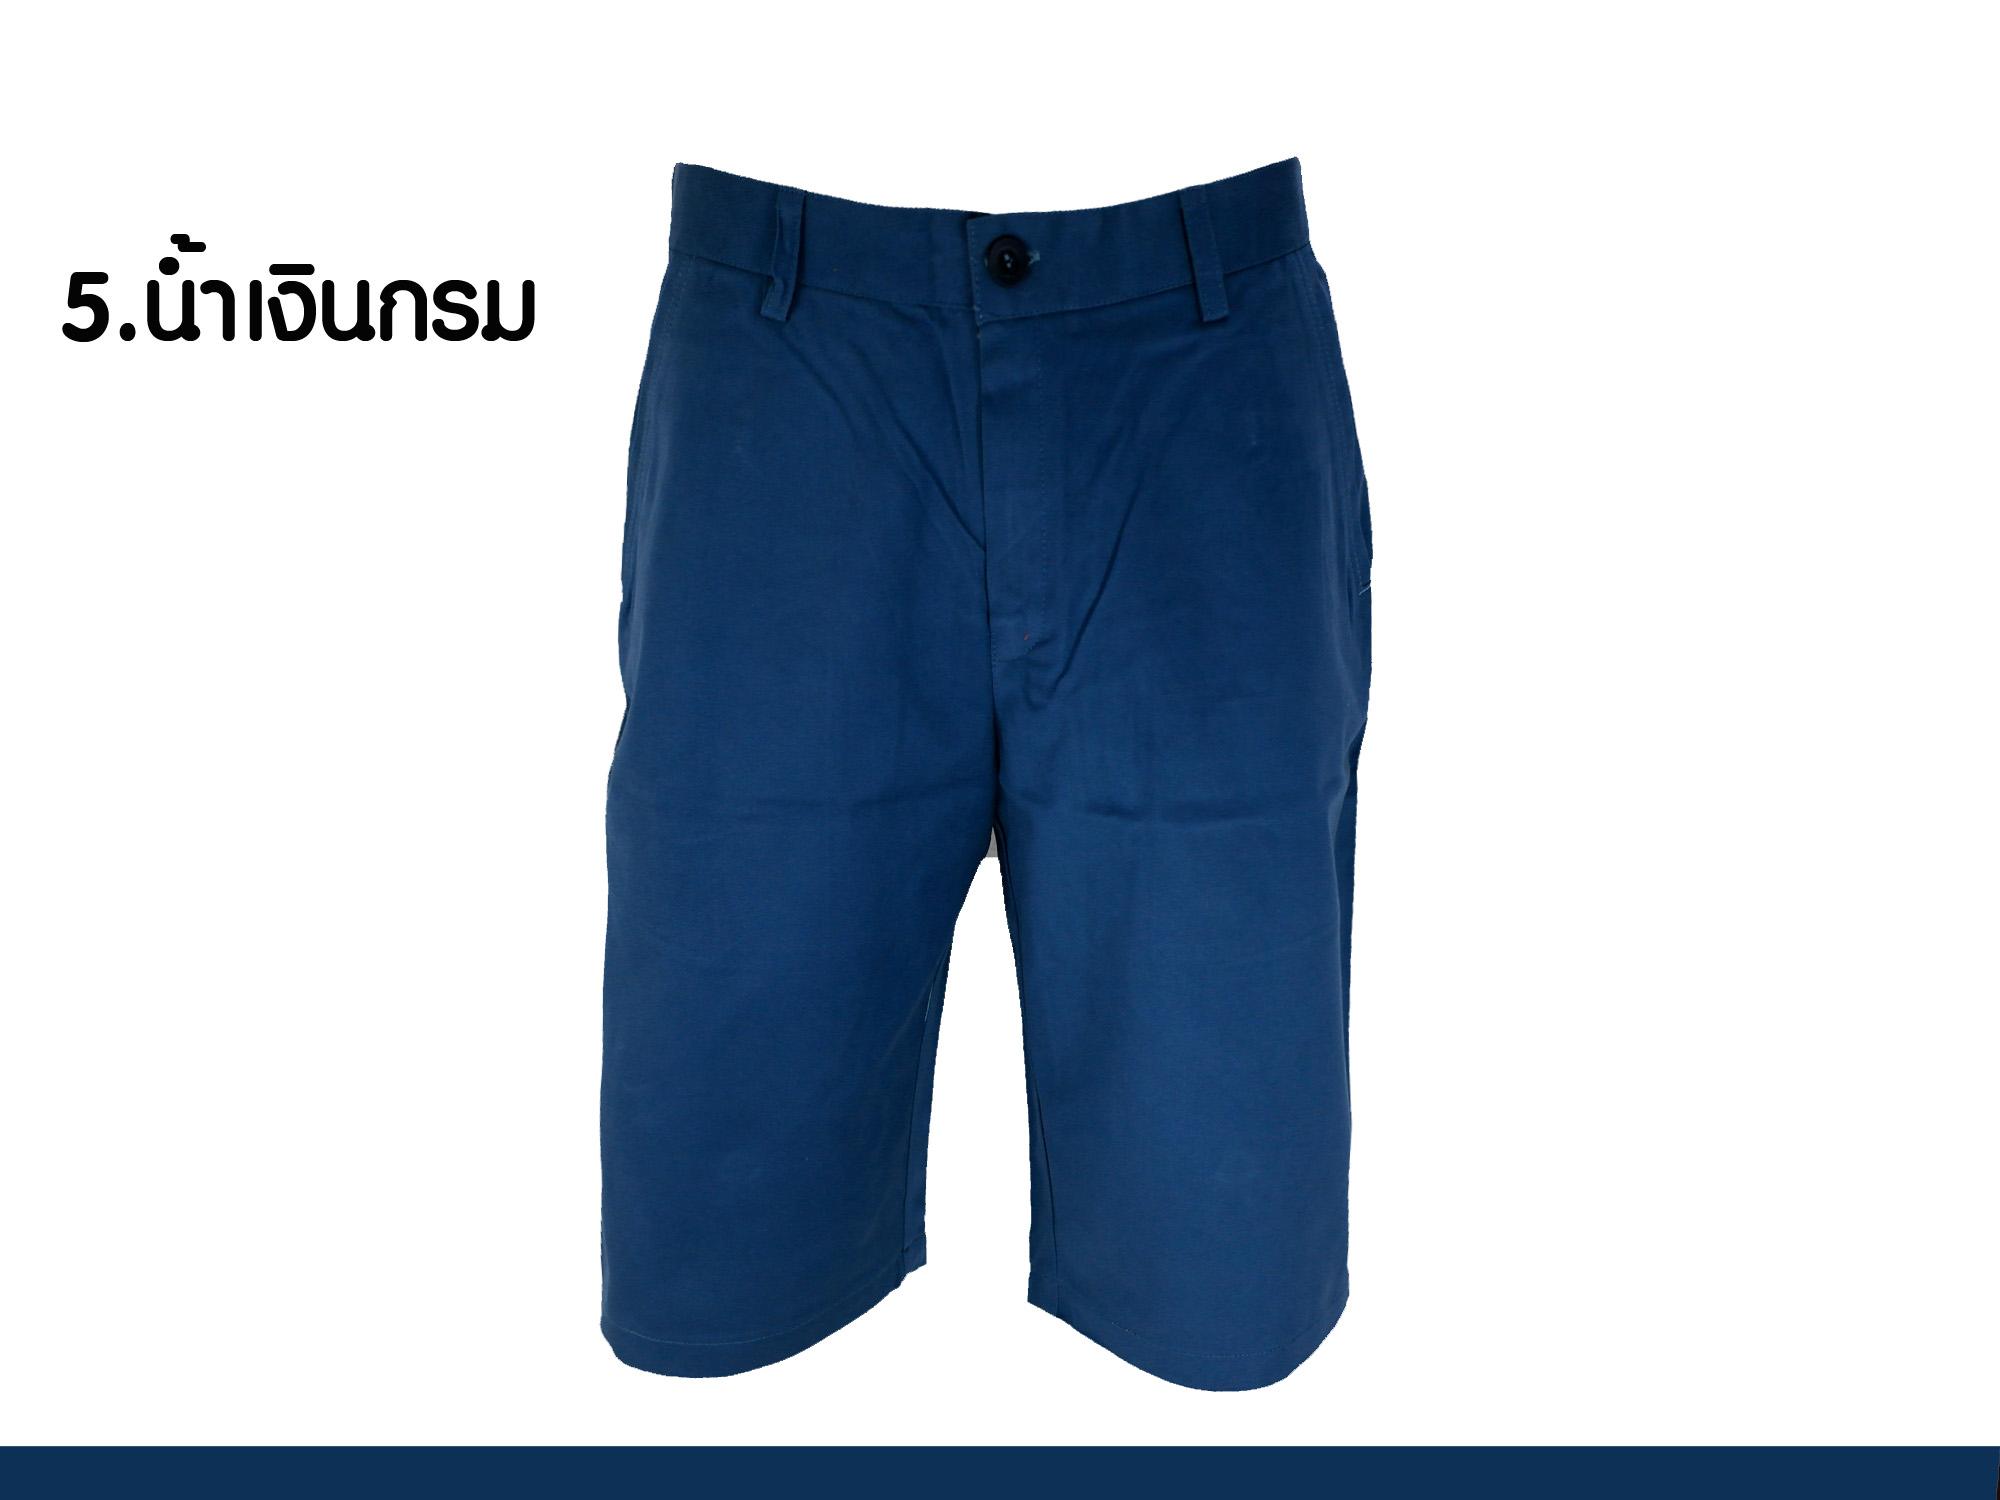 กางเกงสามส่วน รุ่น305 (สีน้ำเงินกรม)